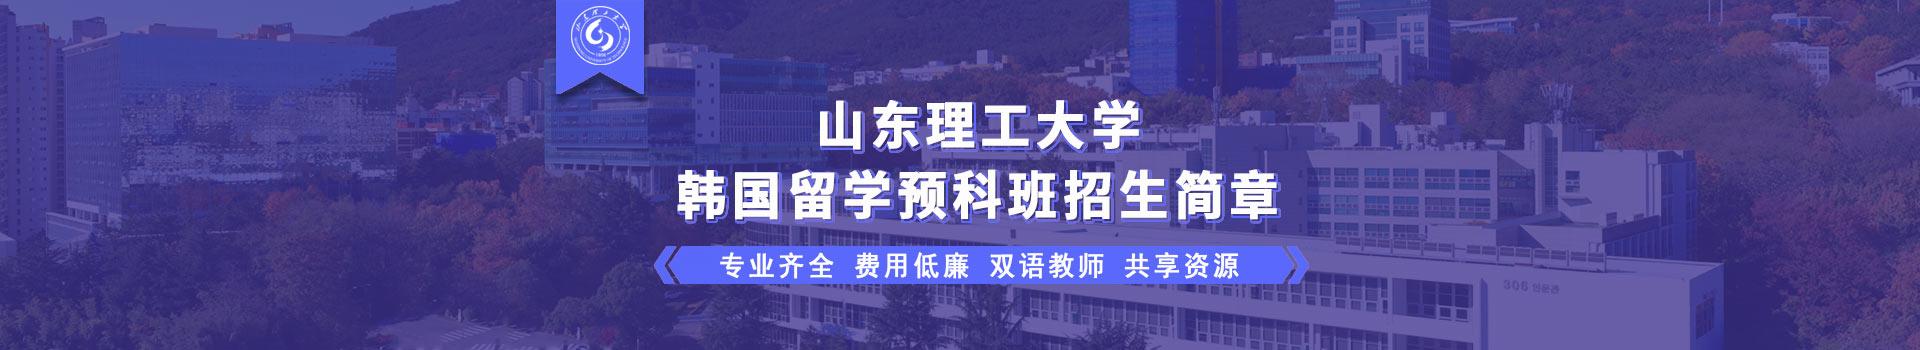 山东理工大学韩国预科班留学